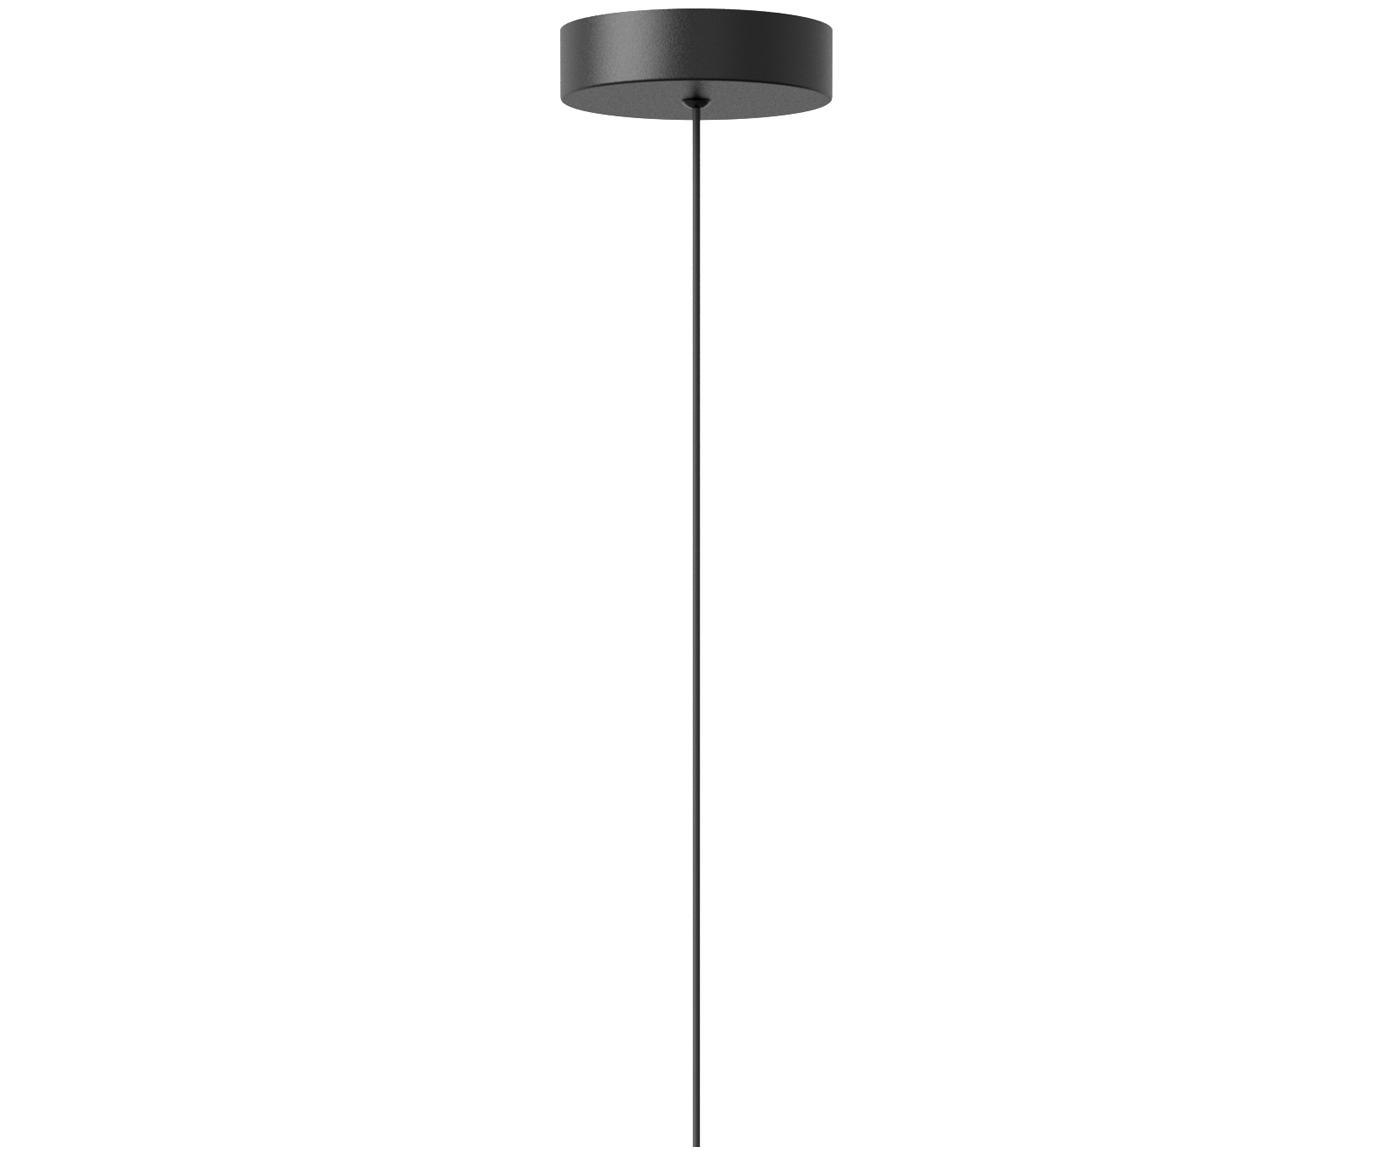 Lampada a sospensione a LED in legno di quercia Chimes, Paralume: legno di quercia rivestit, Baldacchino: alluminio verniciato, Scuro legno di quercia, Ø 4 x Alt. 22 cm